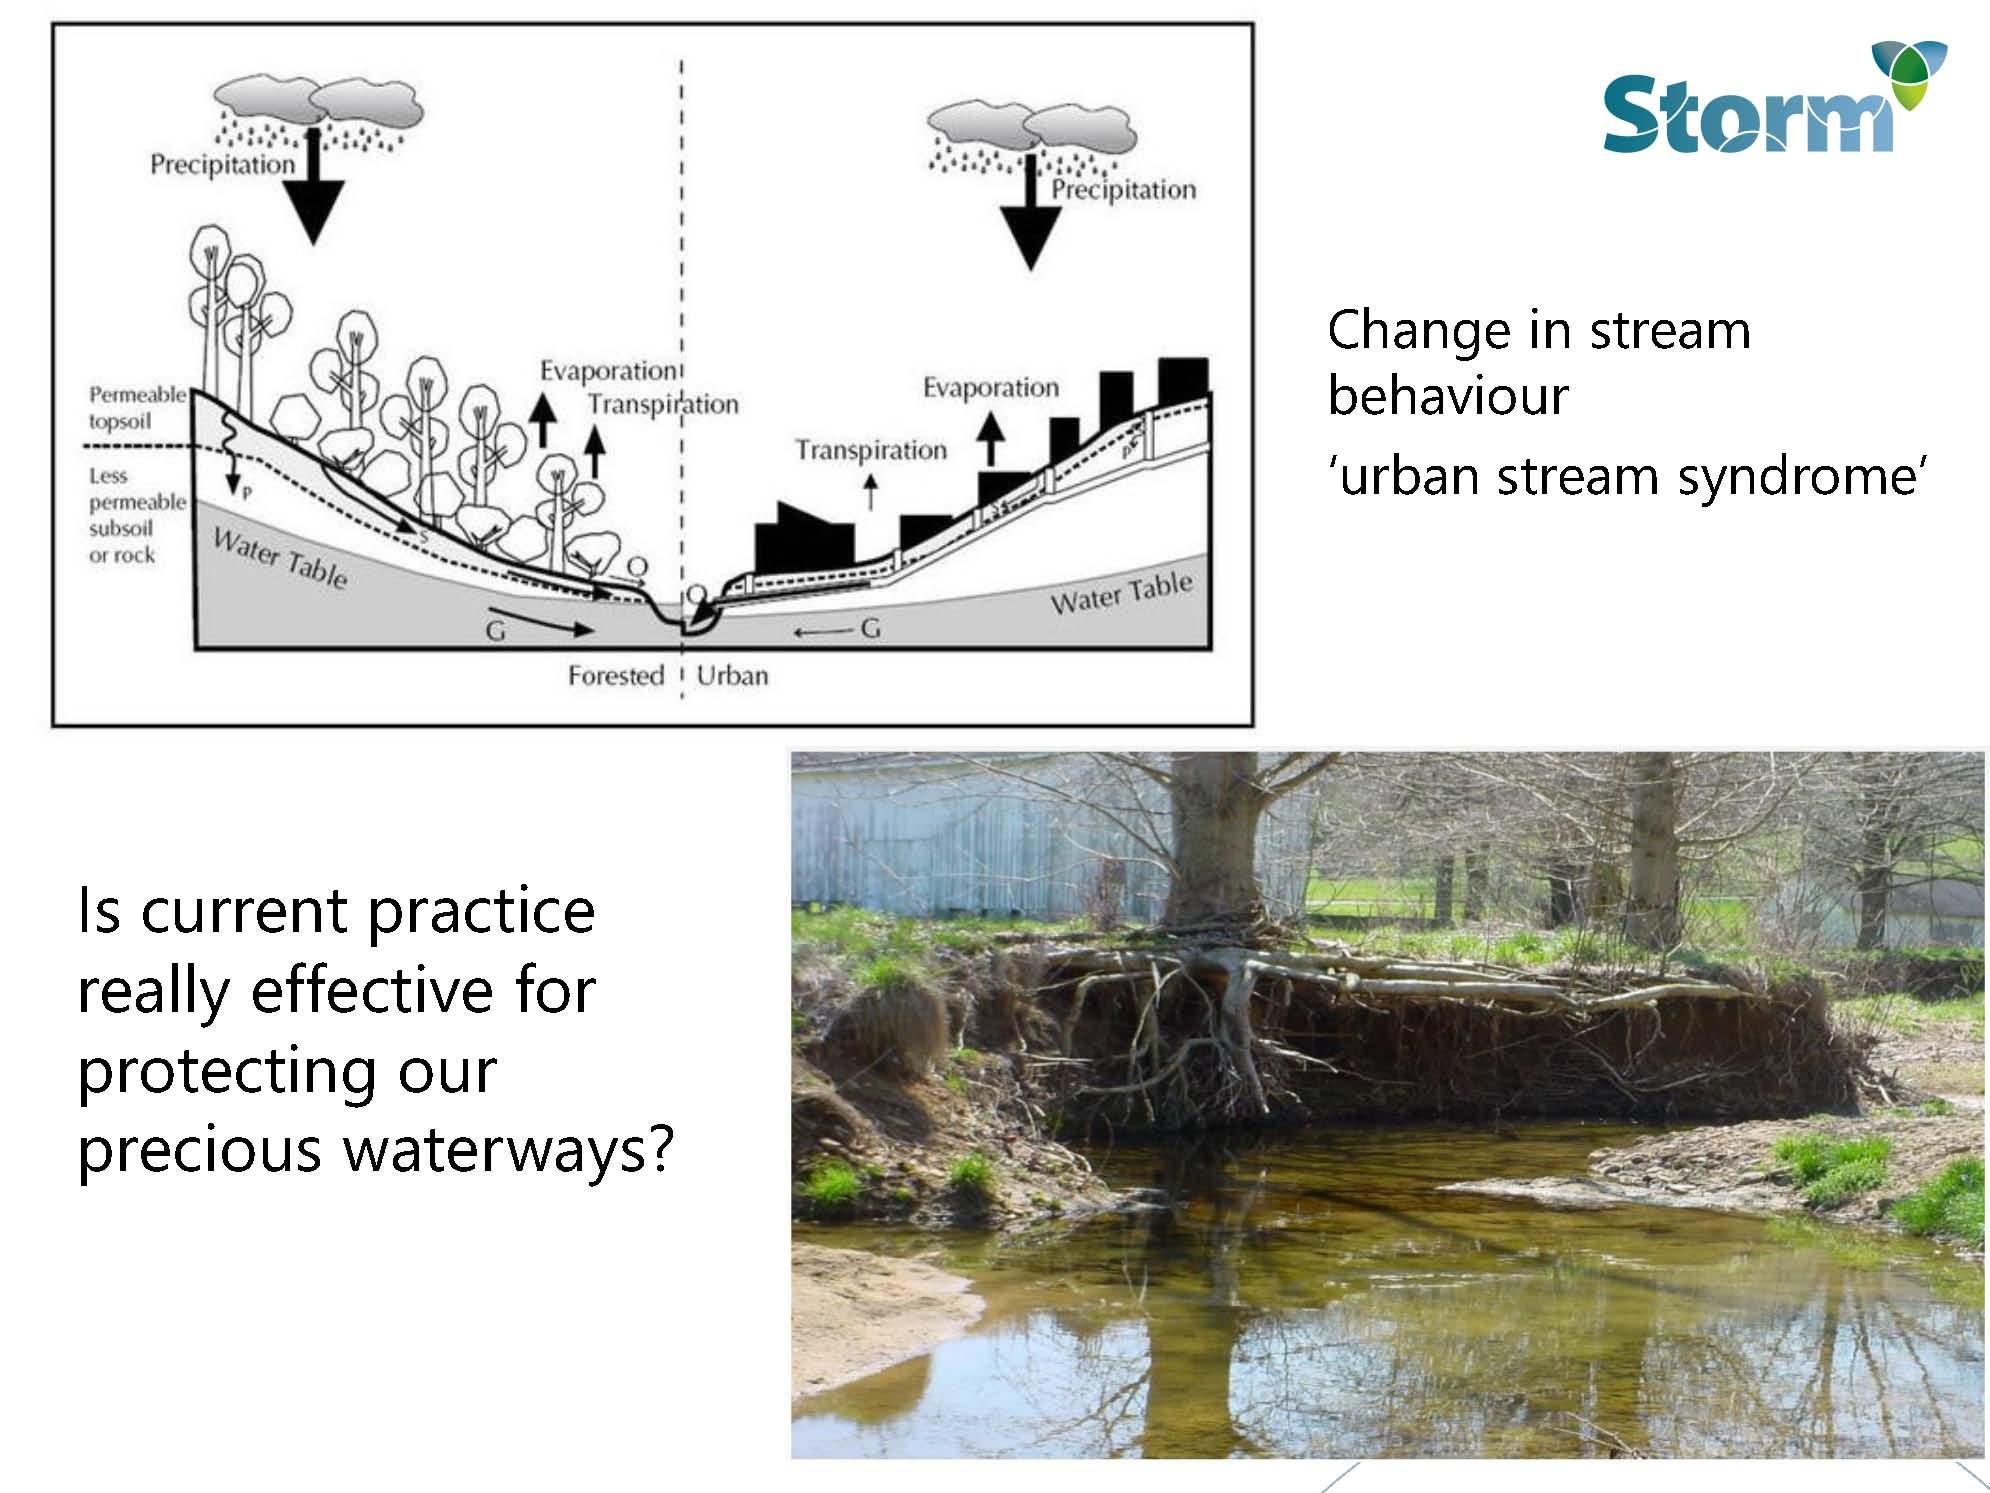 rod-wiese_change-in-stream-behaviour